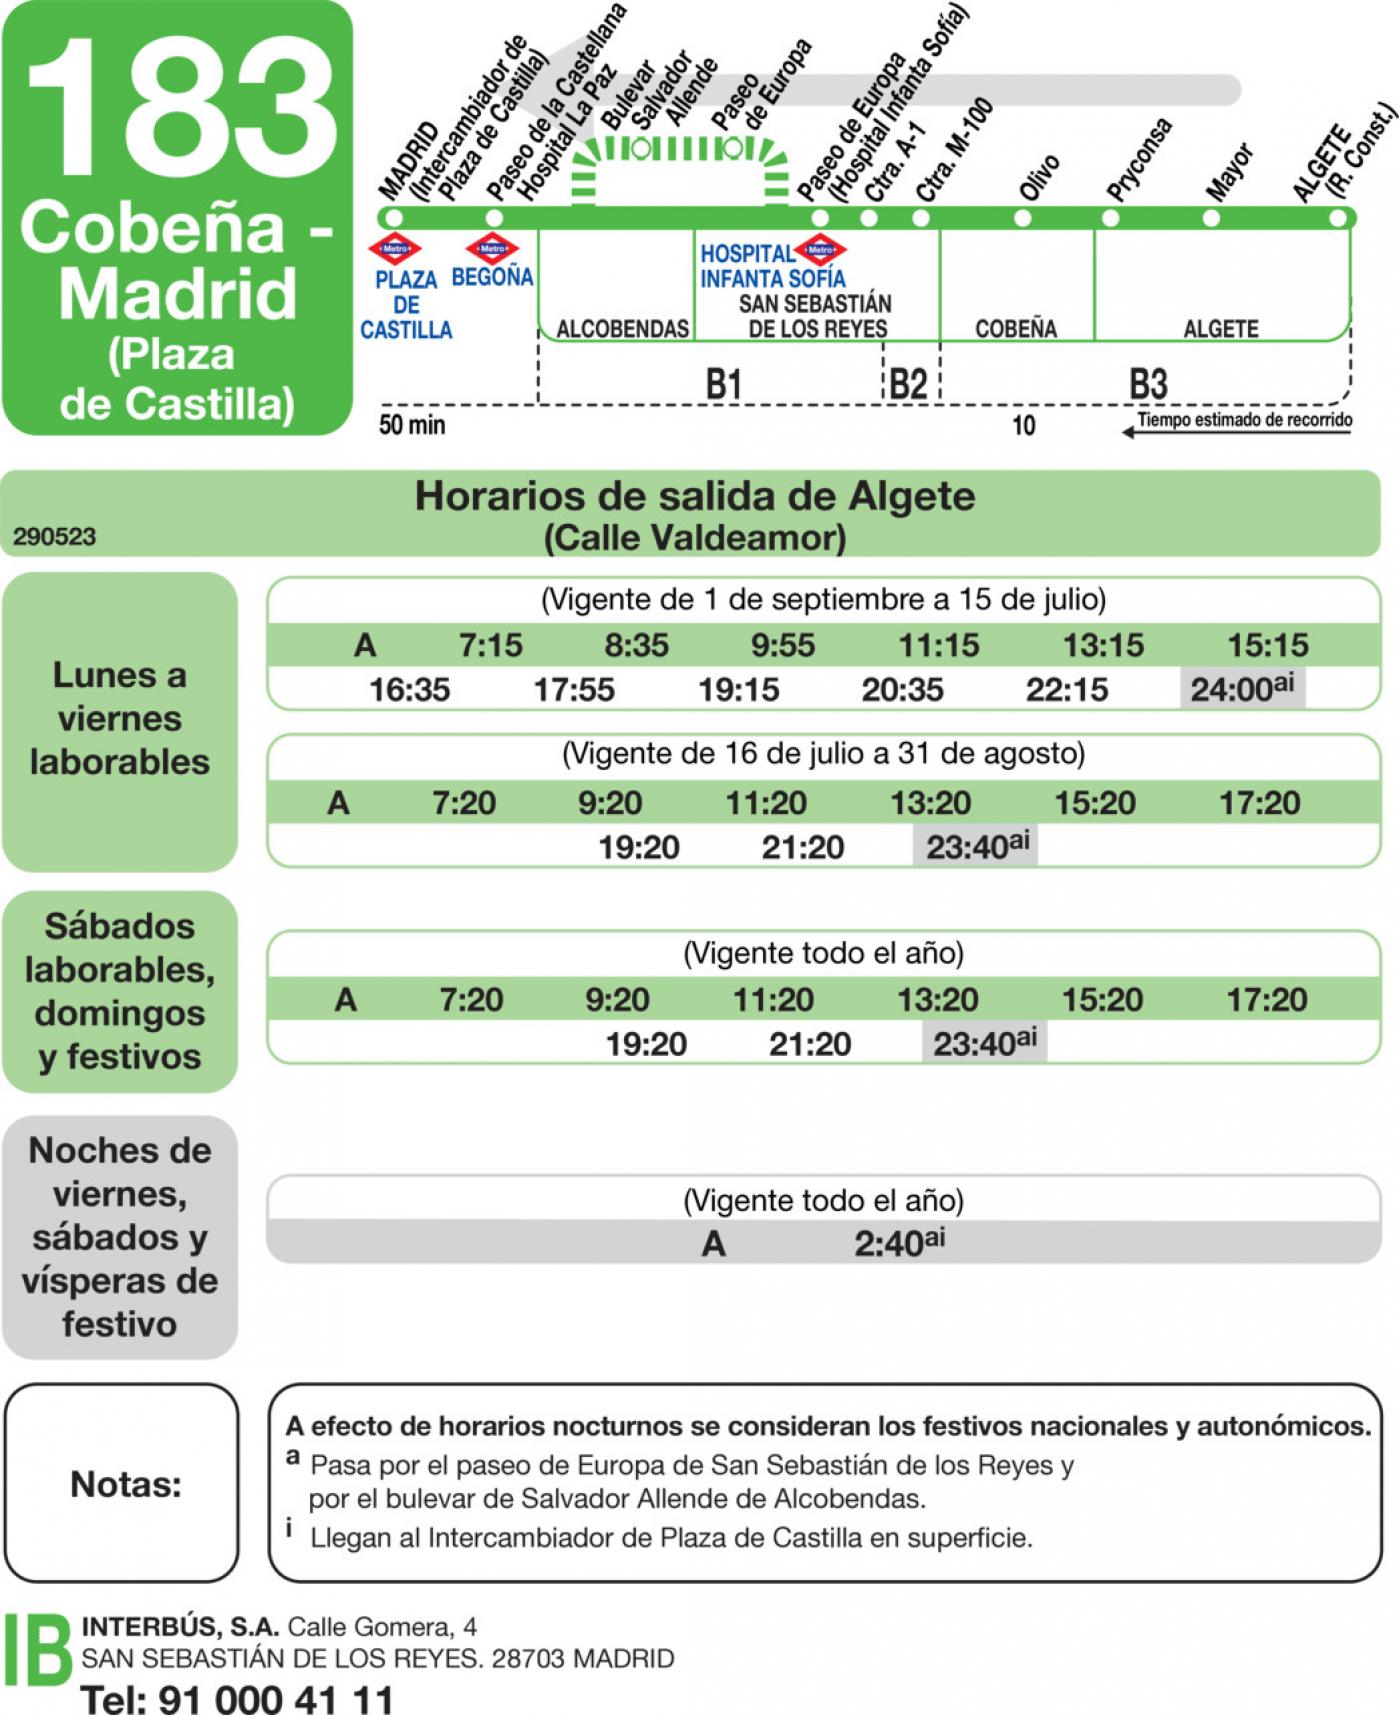 Tabla de horarios y frecuencias de paso en sentido vuelta Línea 183: Madrid (Plaza Castilla) - Cobeña - Algete